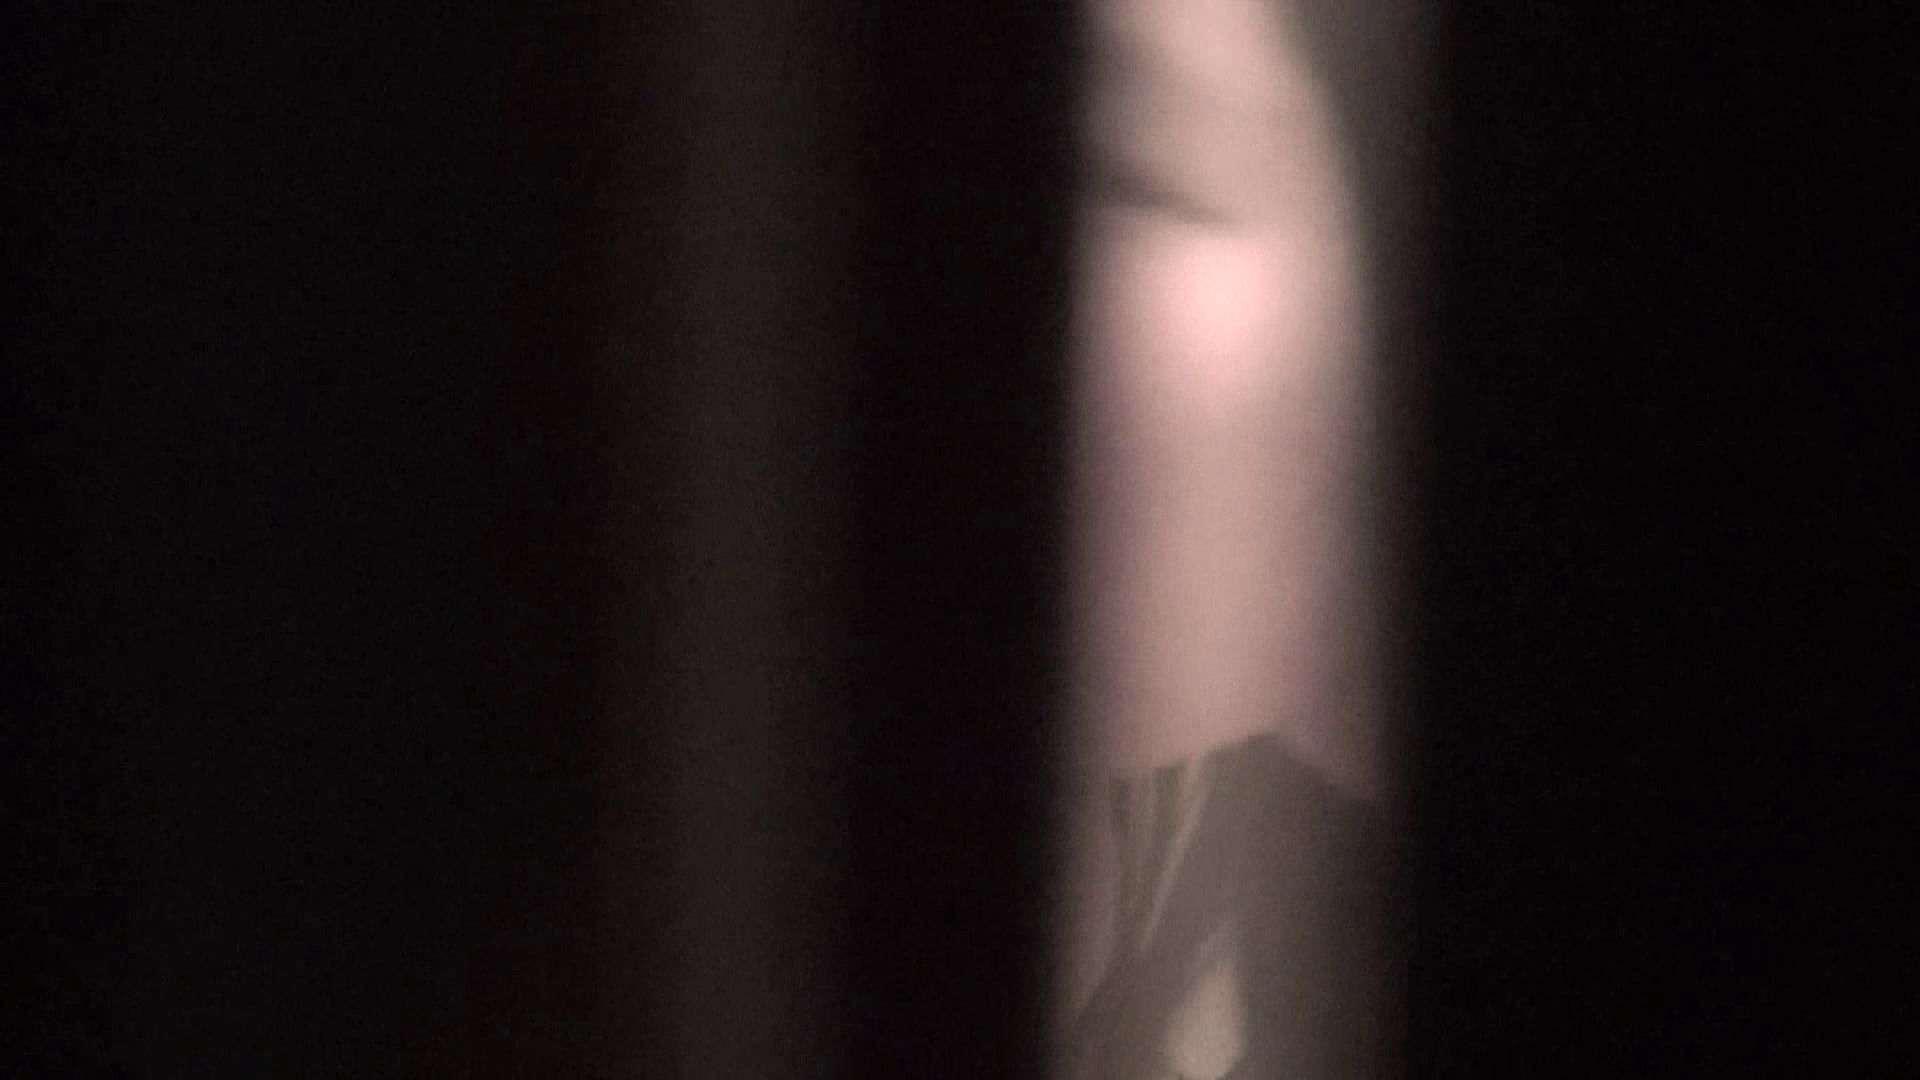 民家の騎士さんの最後の性戦ハイビジョン!!No.48 洗面所 | 覗き  39pic 35